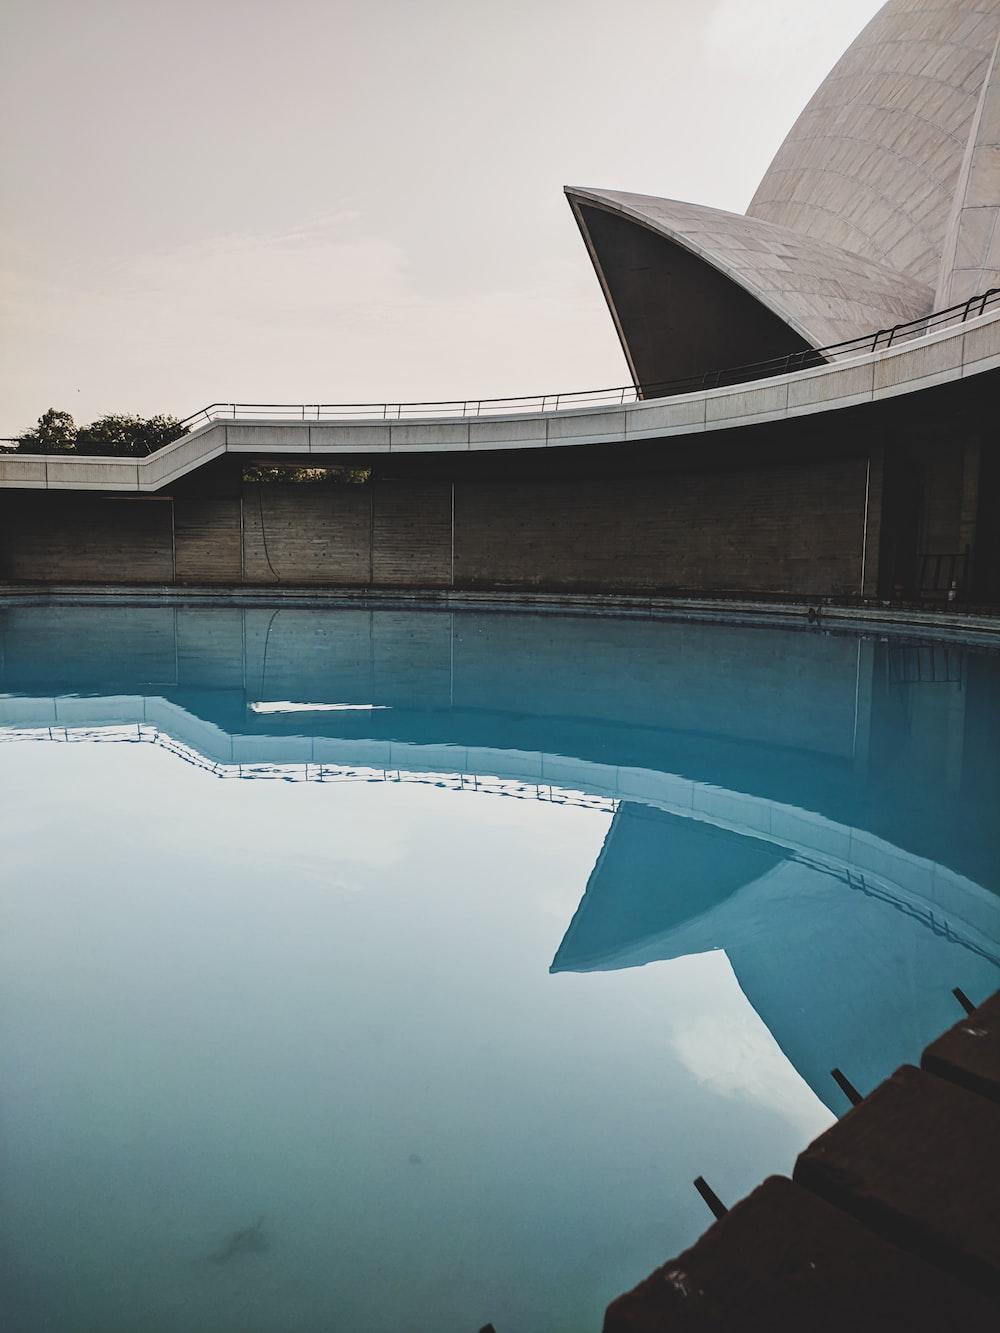 big blue swimming pool during daytime